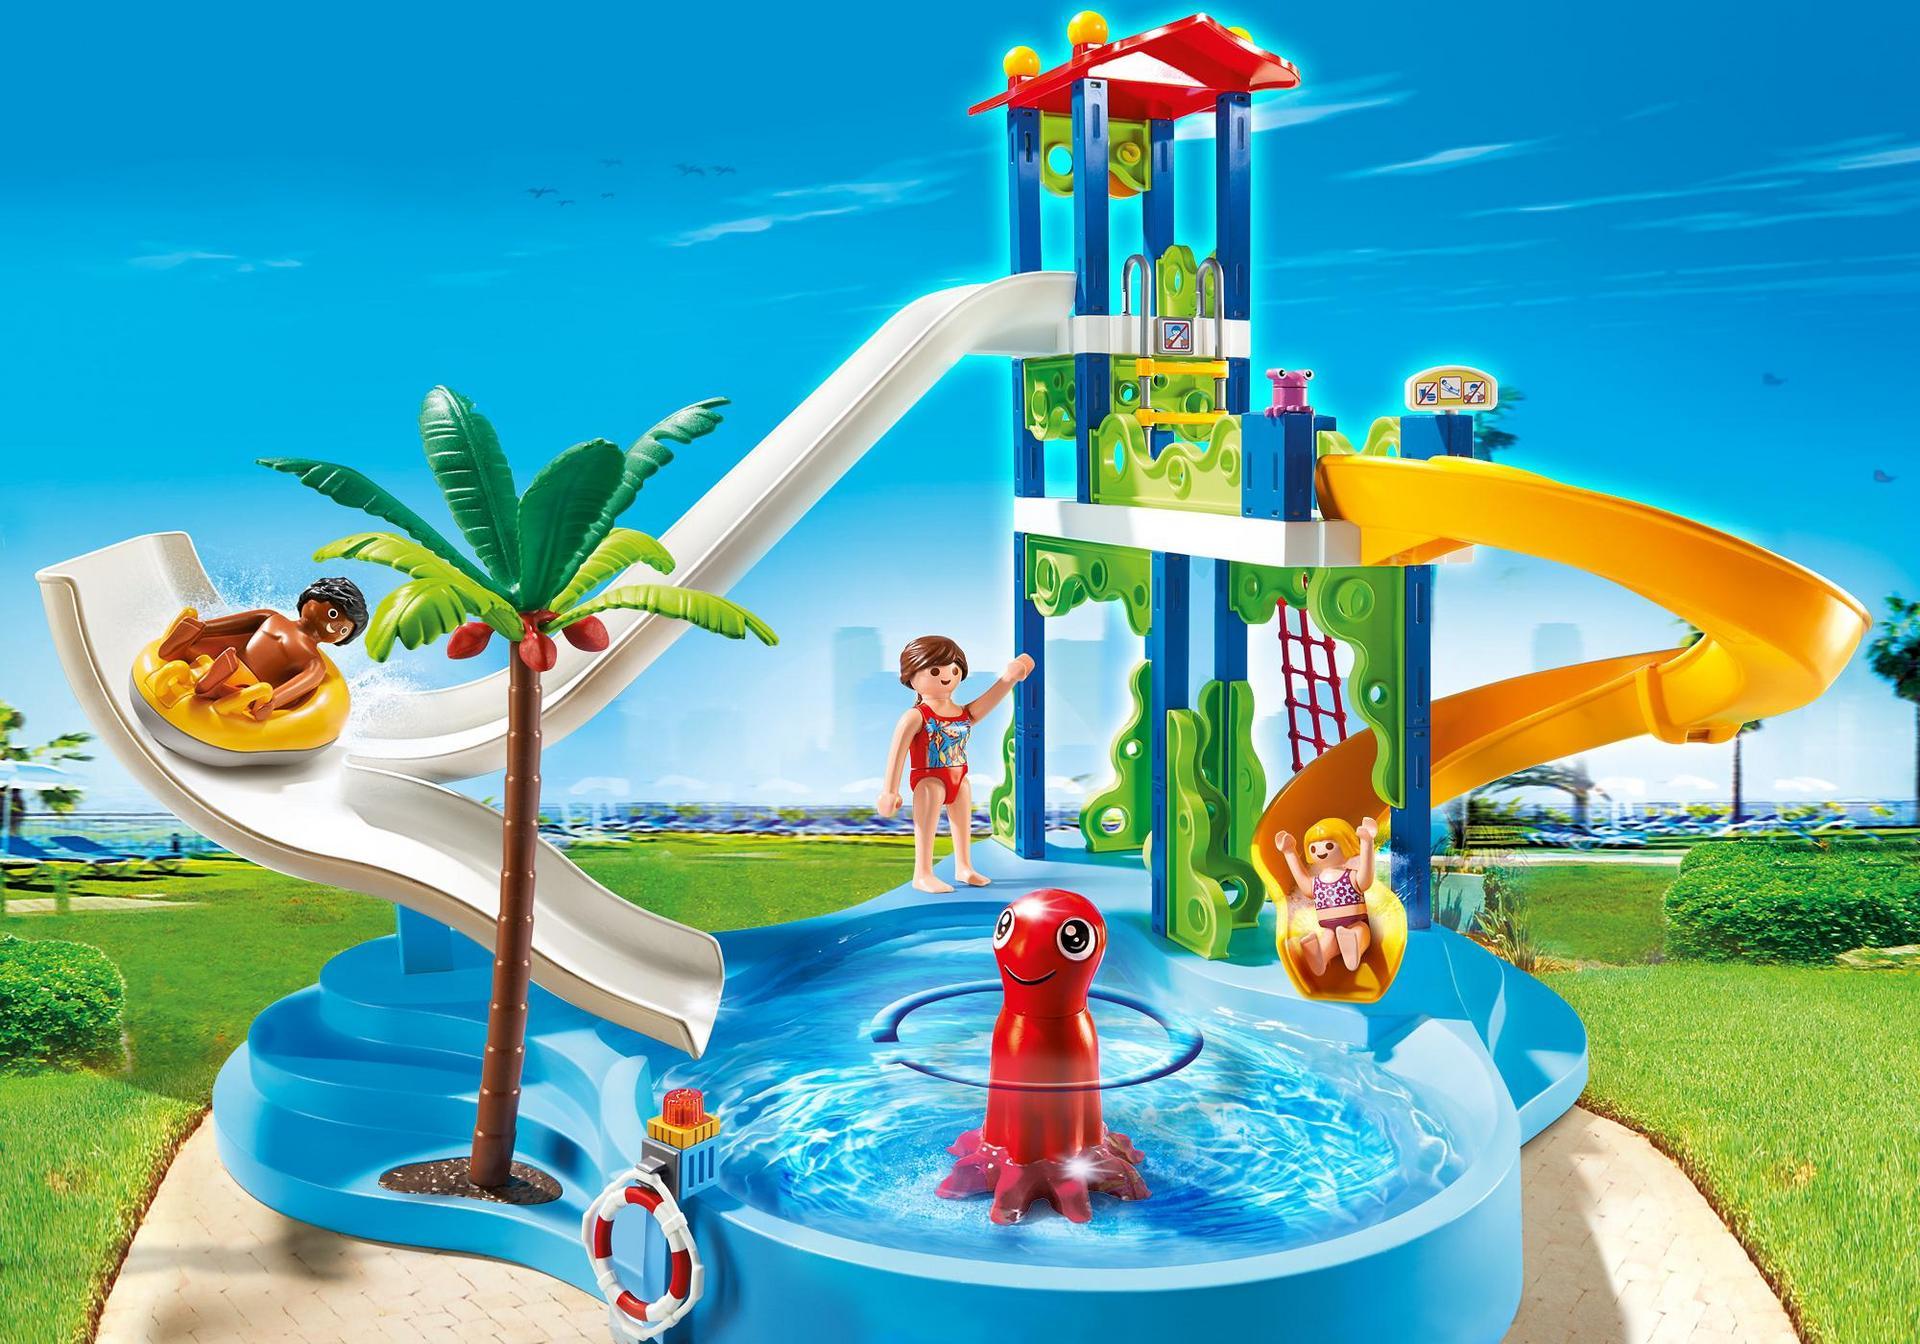 Parque acu tico con toboganes 6669 playmobil espa a for Piscina playmobil